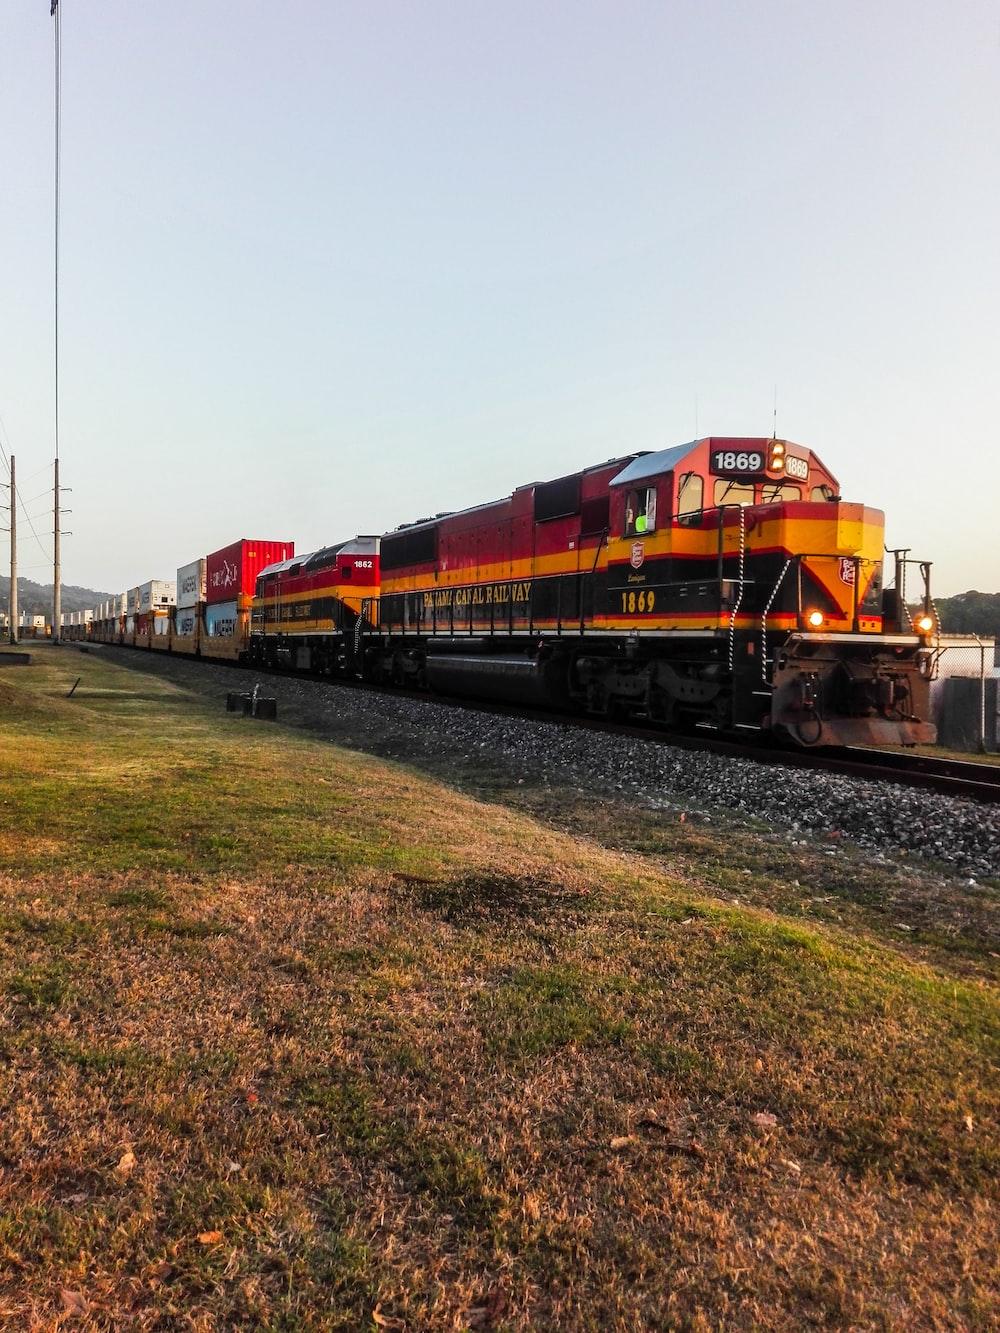 orange train under white sky during daytime